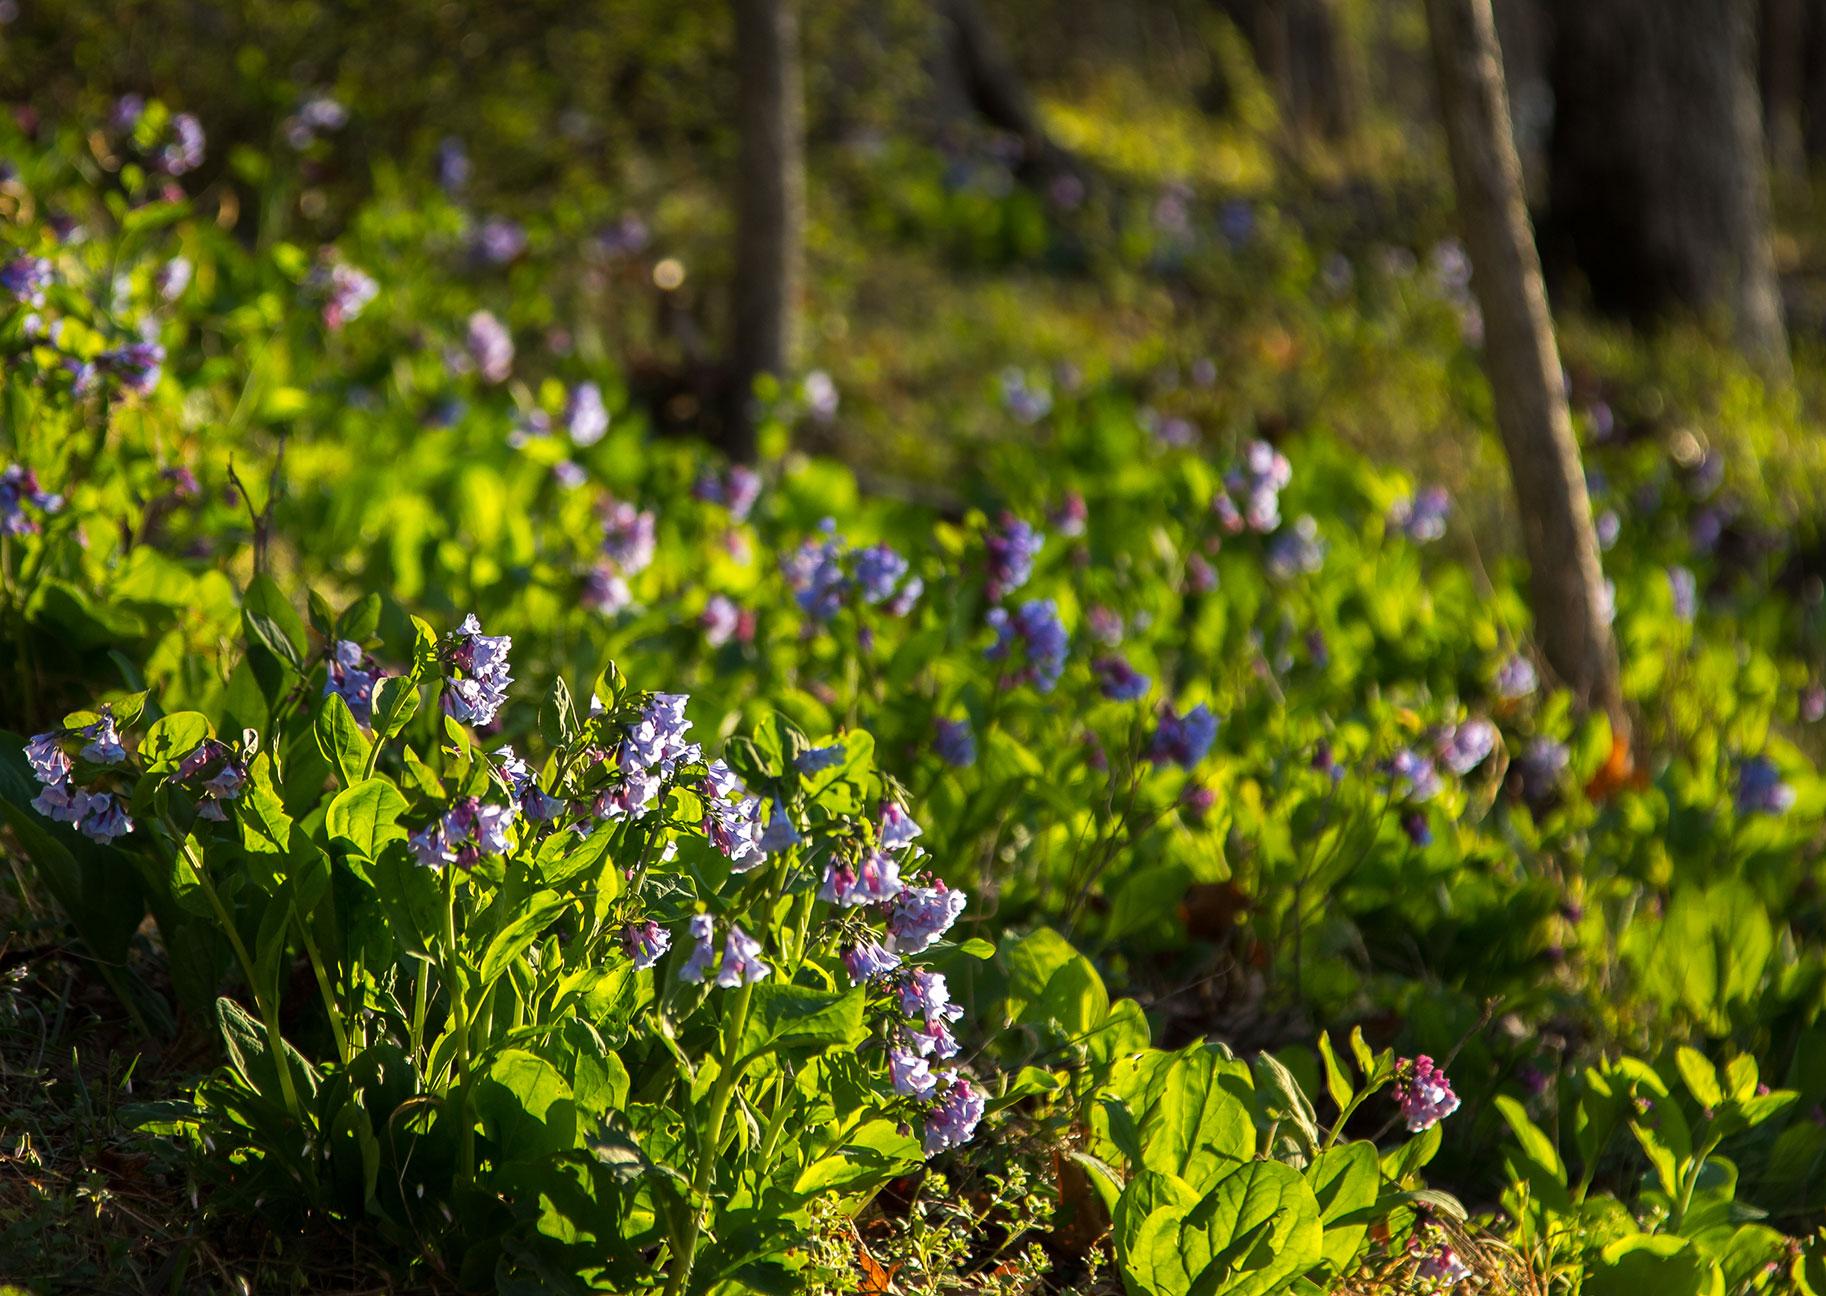 Virginia bluebells ( Mertensia virginica )  Image by Michael Gaige